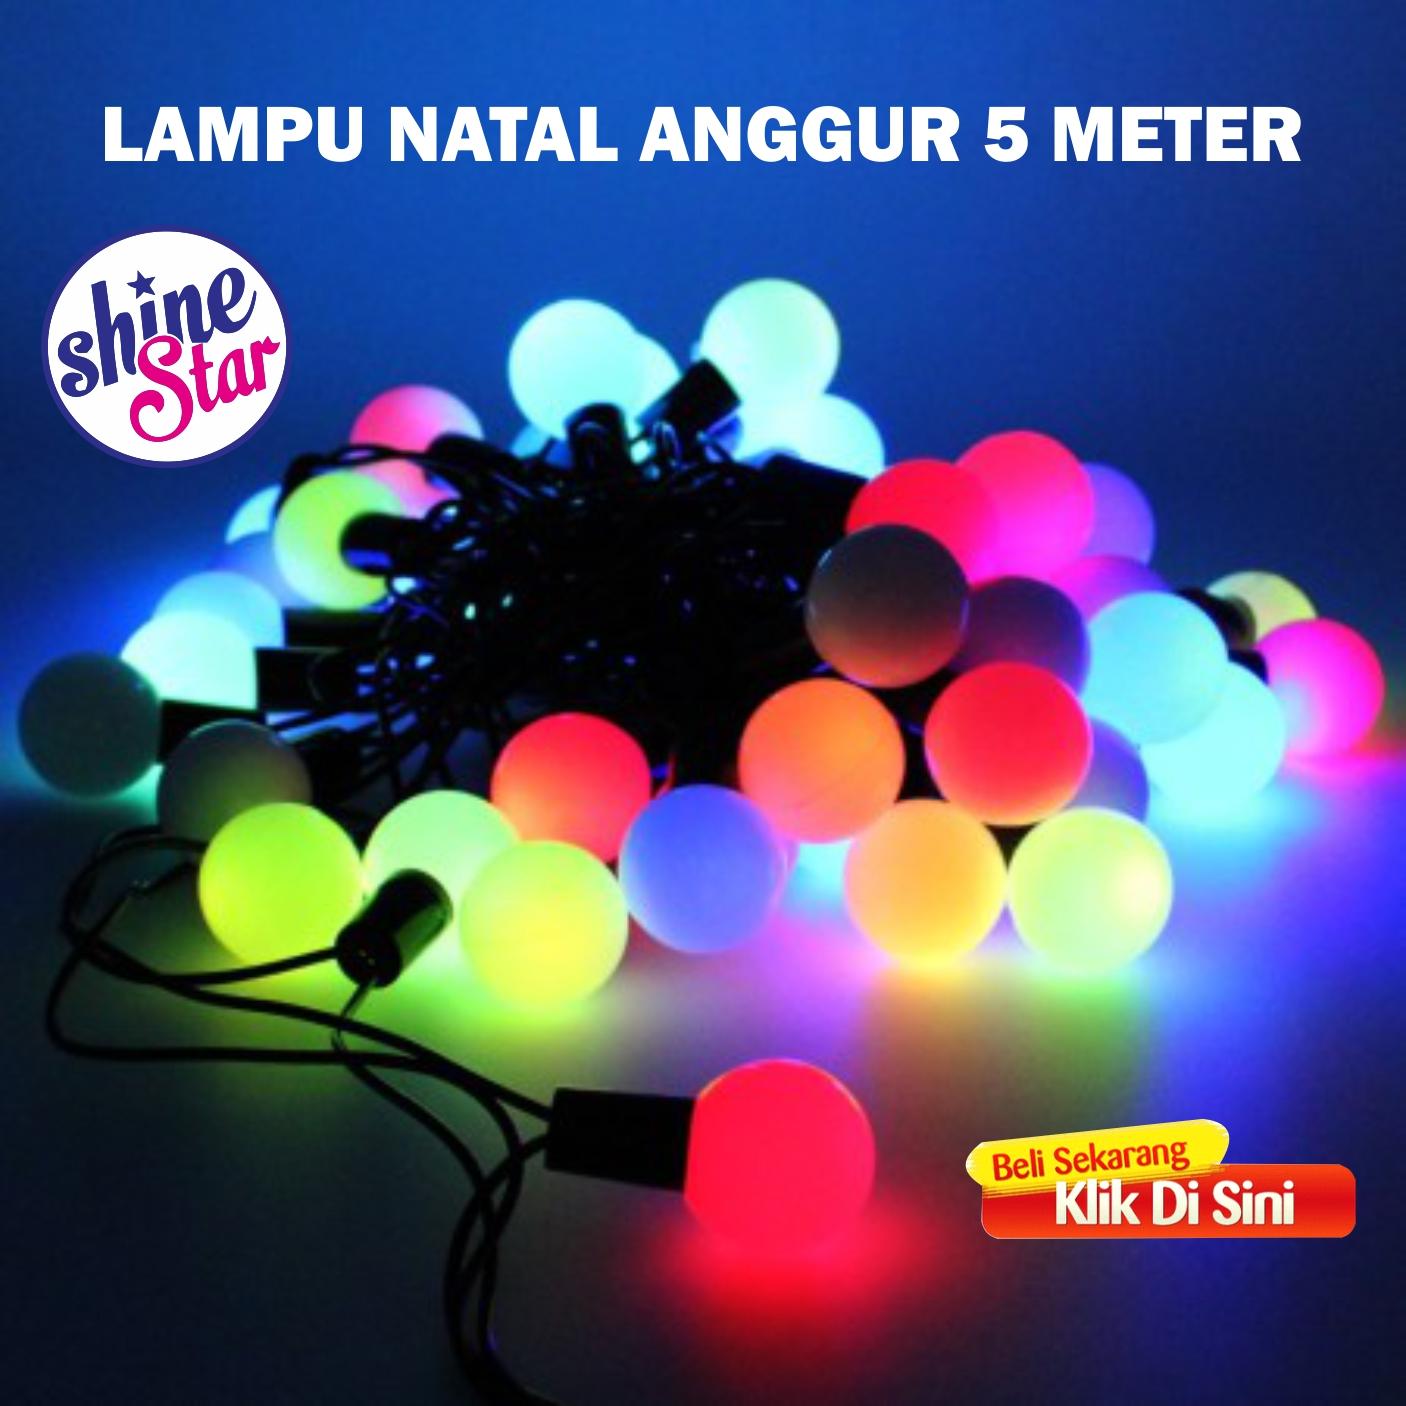 SHINE STAR - Lampu Tumblr Bulat Versi 2 - Lampu Natal Anggur Bulat Warna Warni - Lampu Hias Kamar Panjang 5 Meter